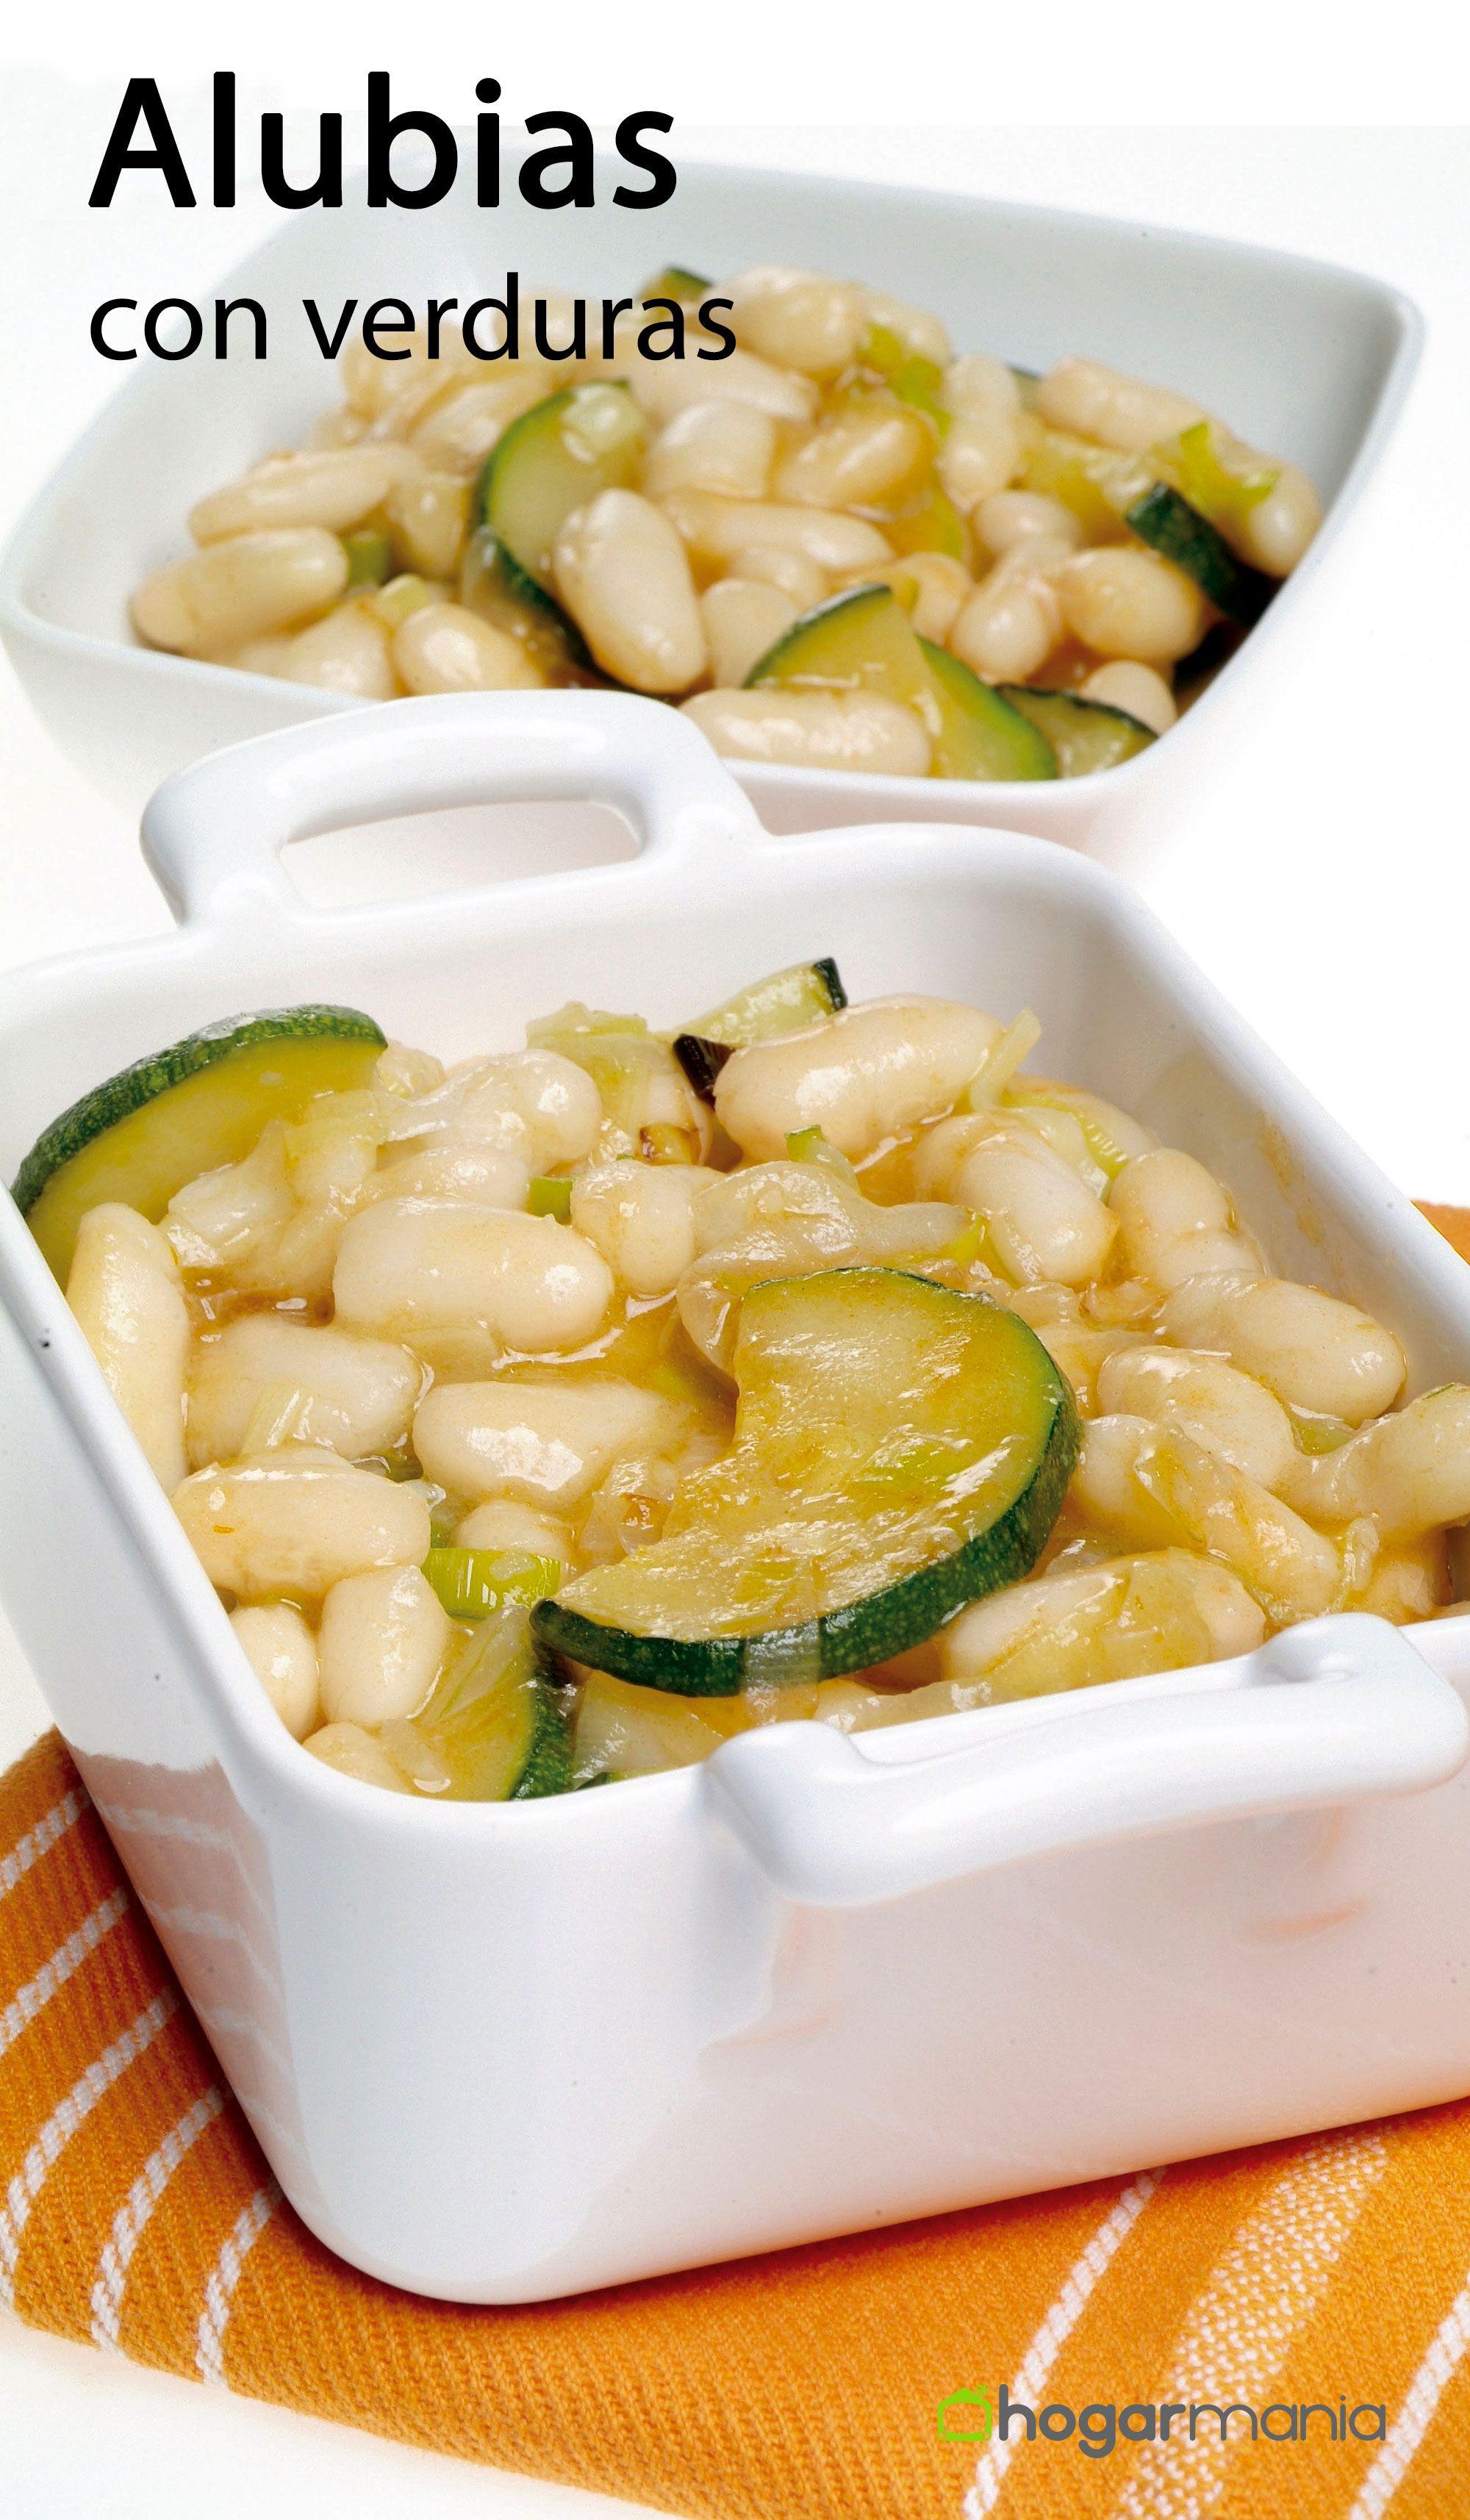 Receta alubias verduras